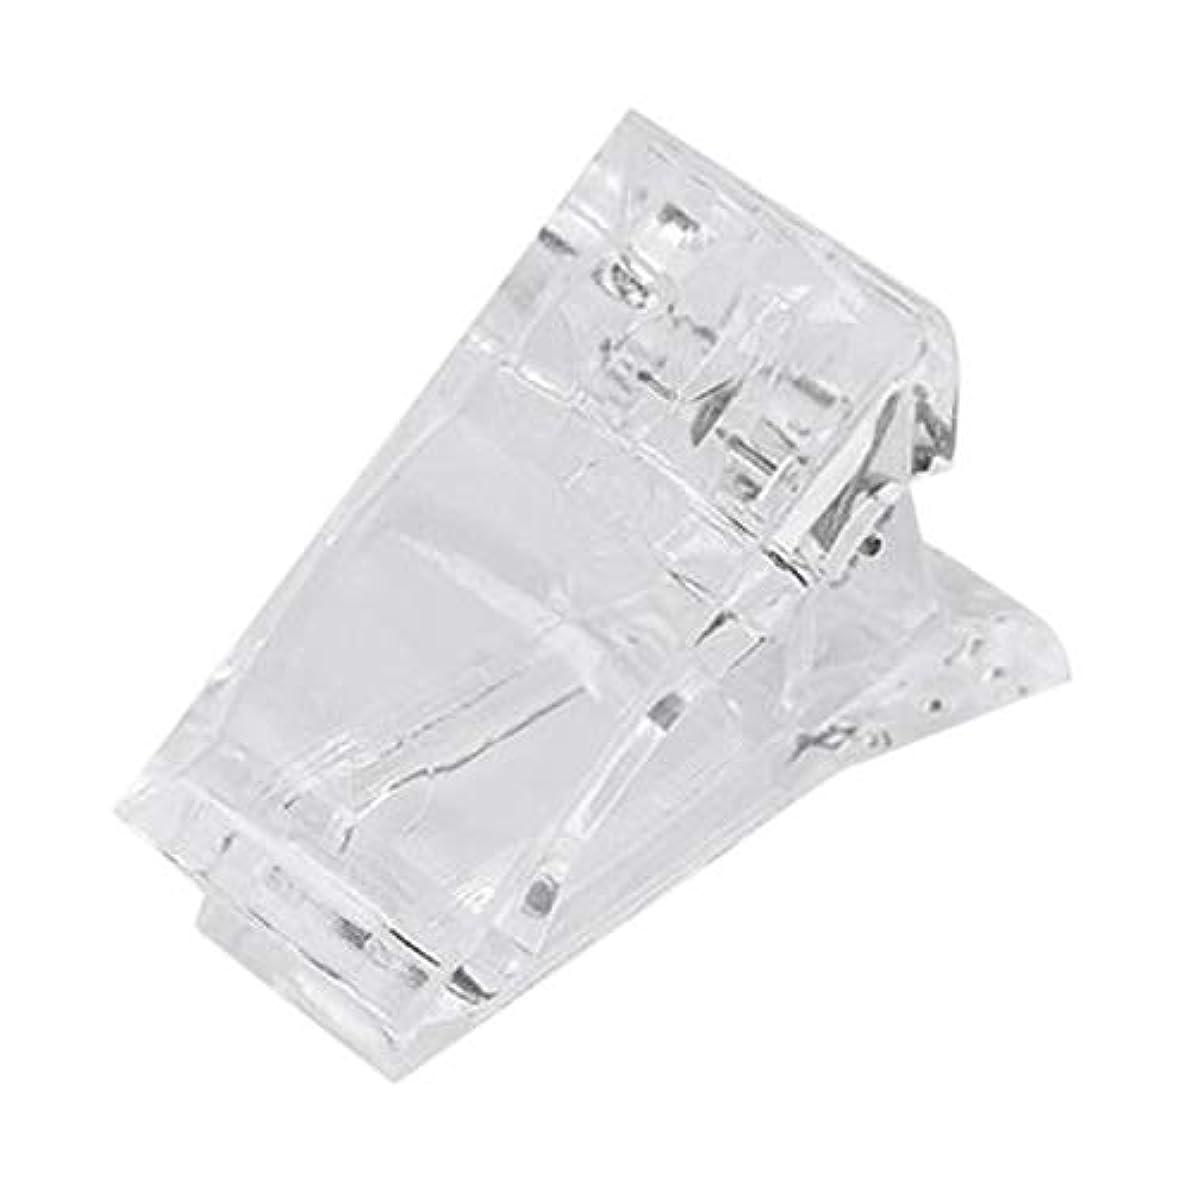 バルブ大通り安らぎCUHAWUDBA ネイルのクリップ 透明指ポリクイック ビルディングジェルエクステンション ネイルアート マニキュアツール アクセサリー 偽ネイル